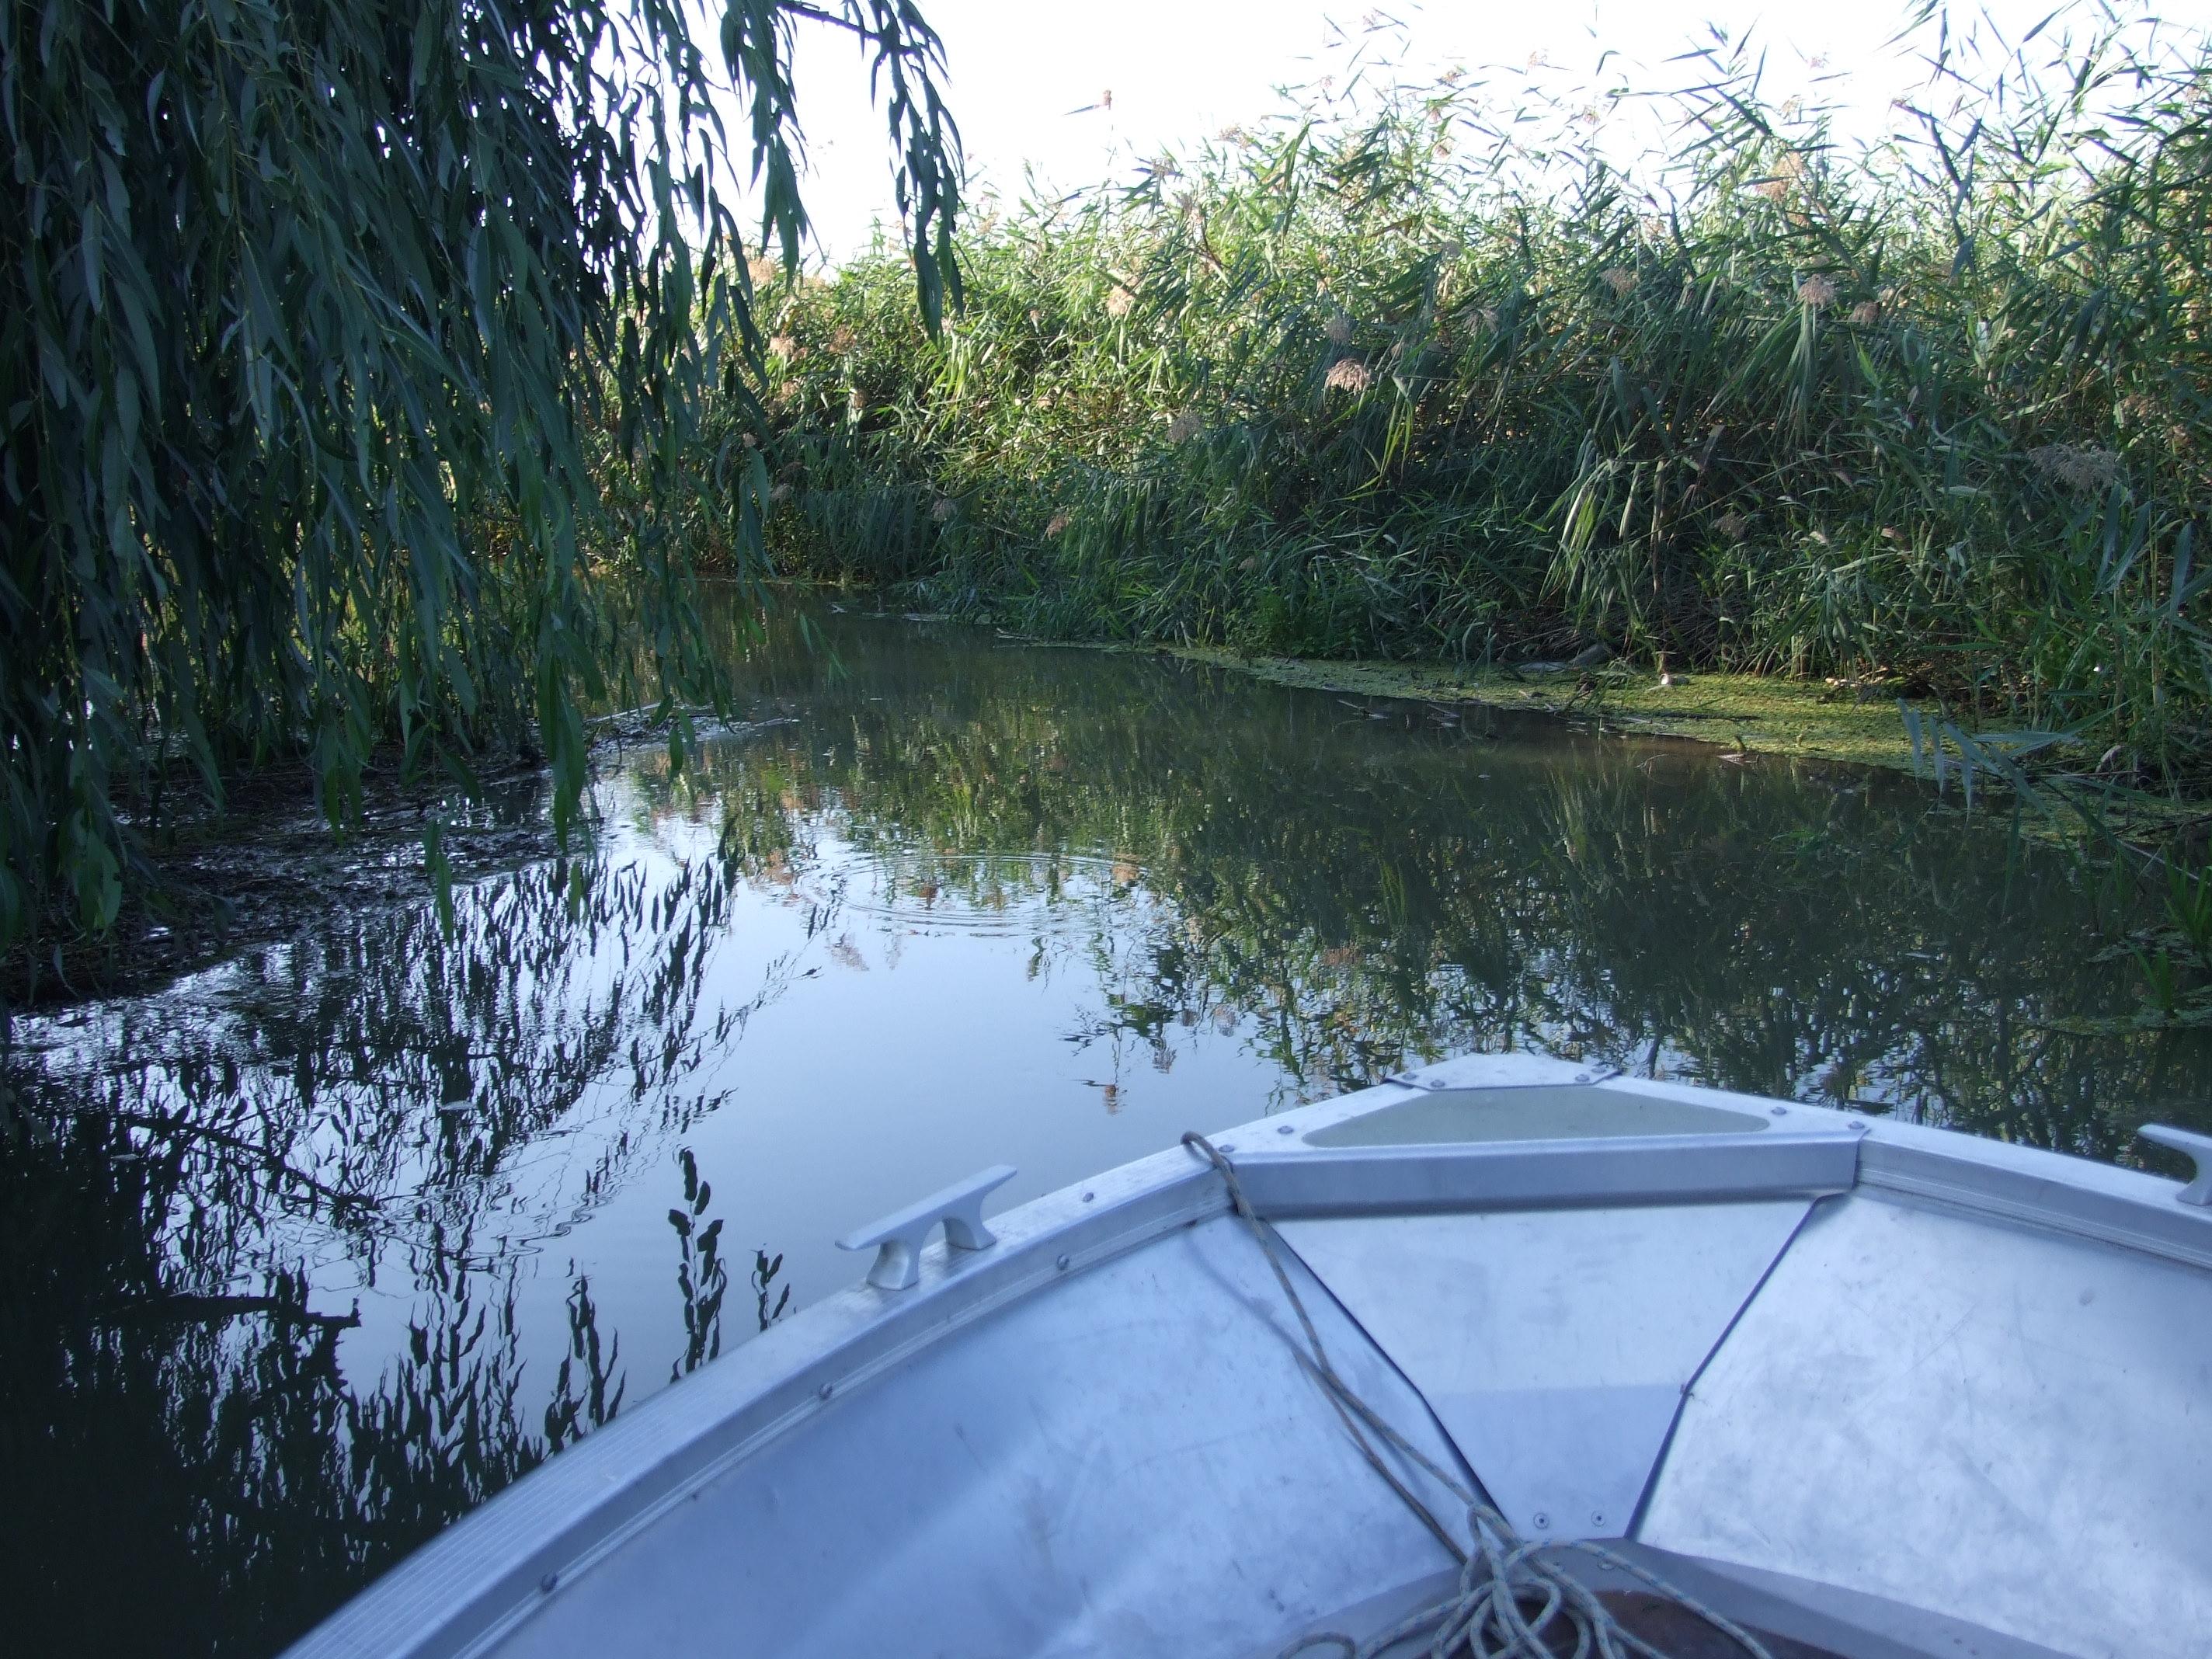 Néhol alig pár méter széles. De vize komoly halakat rejt. fogtak itt már több tízkilós harcsát is.